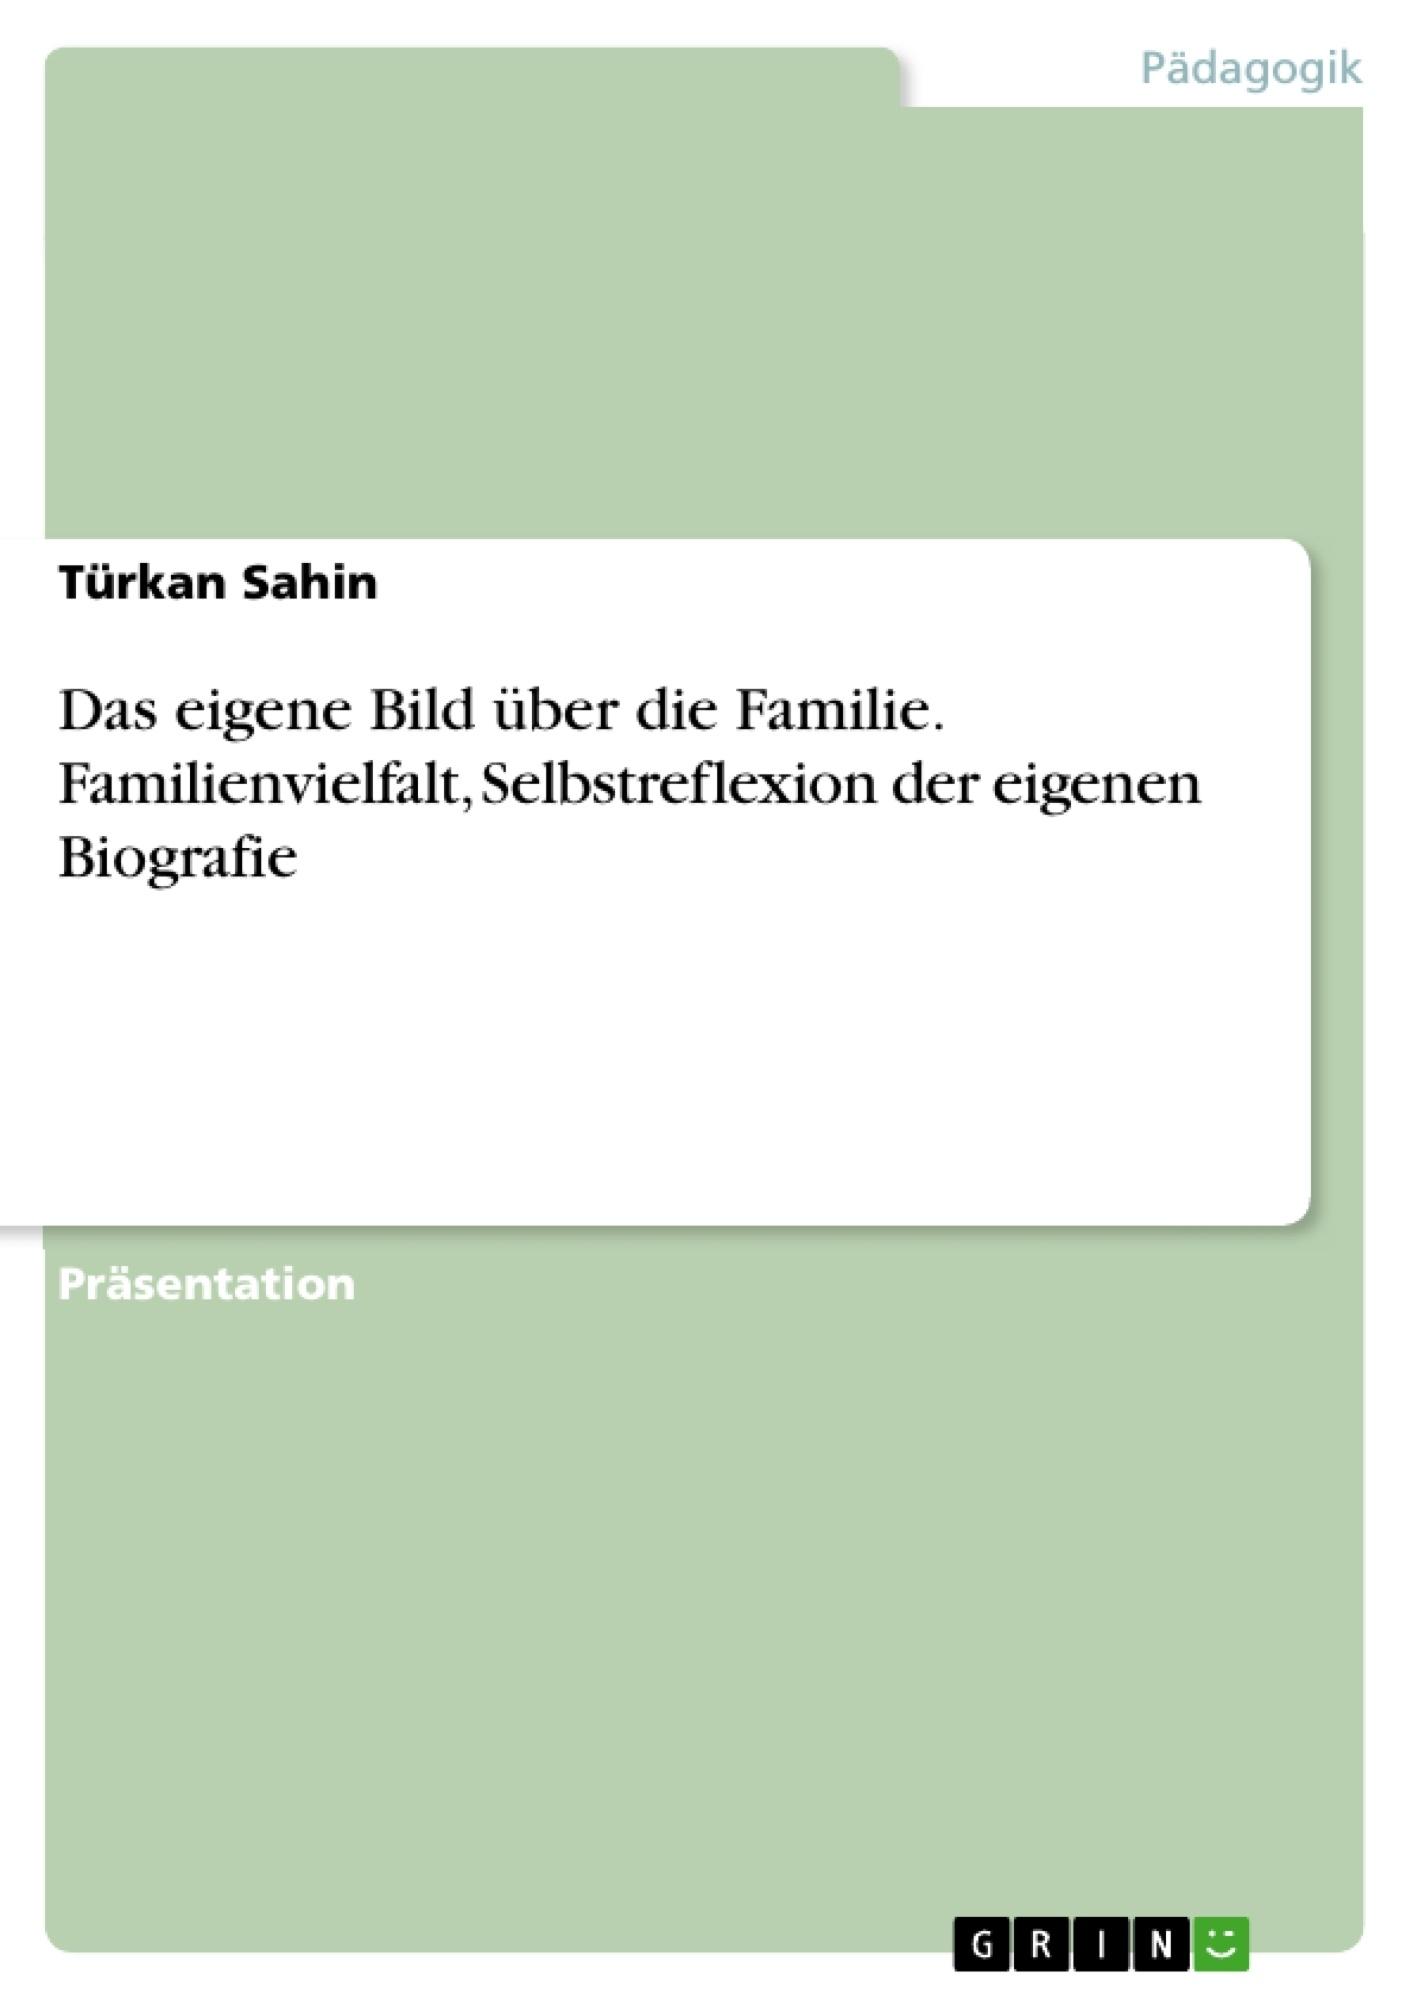 Titel: Das eigene Bild über die Familie. Familienvielfalt, Selbstreflexion der eigenen Biografie